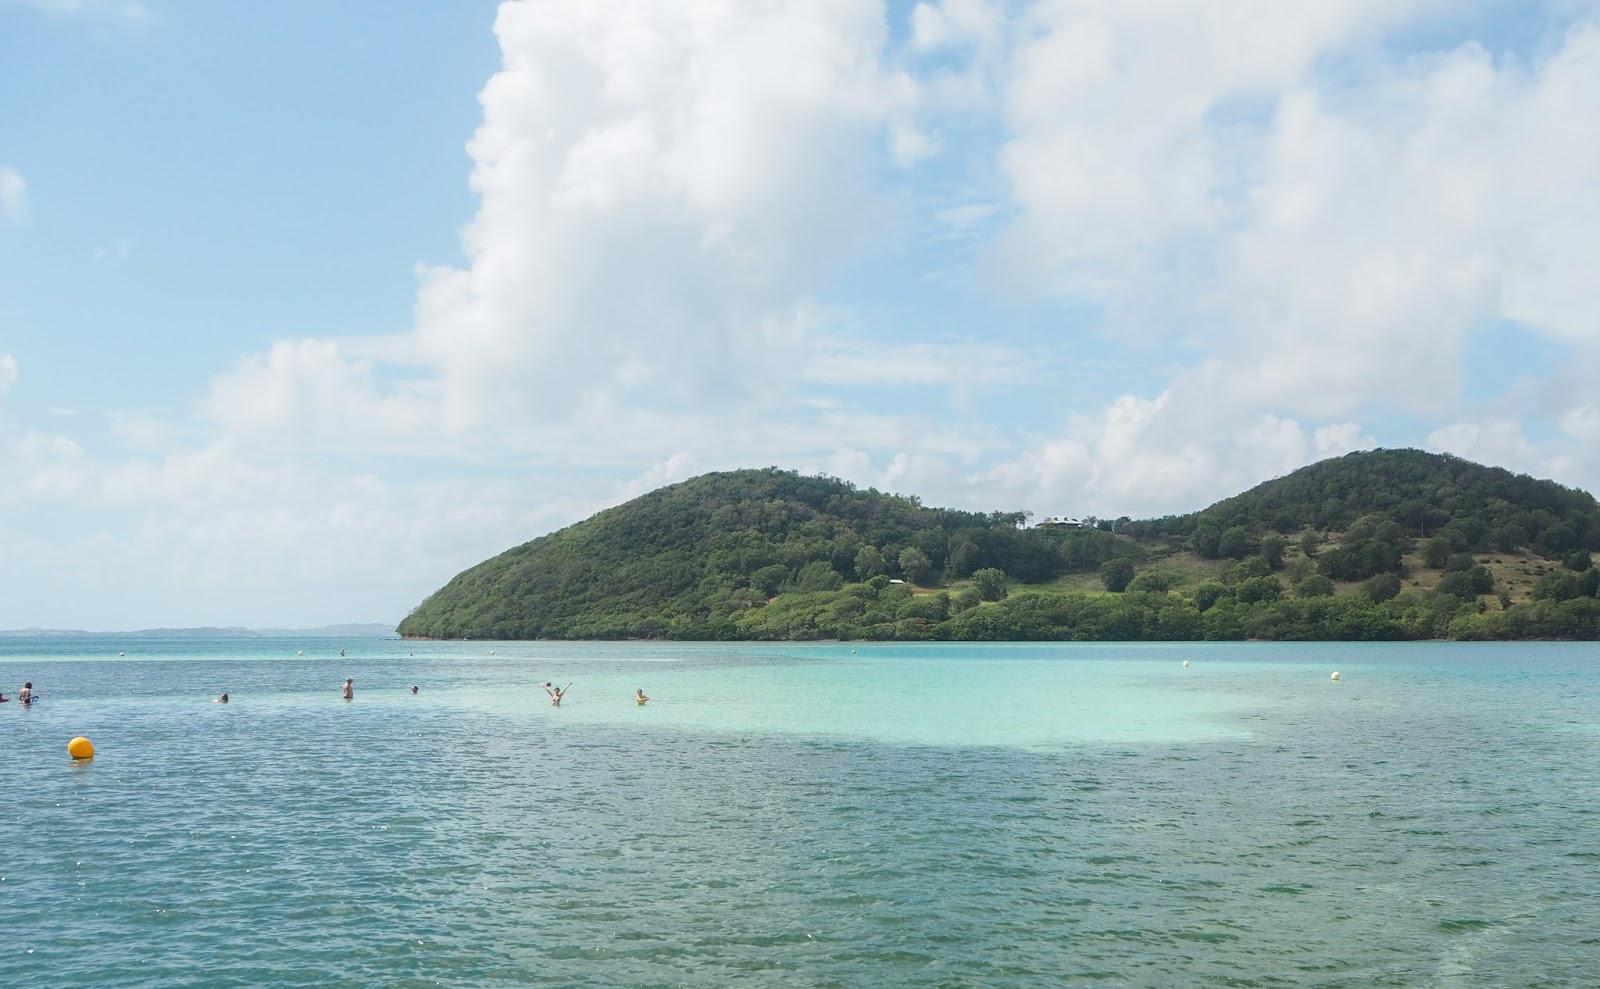 Martinique eau turquoise